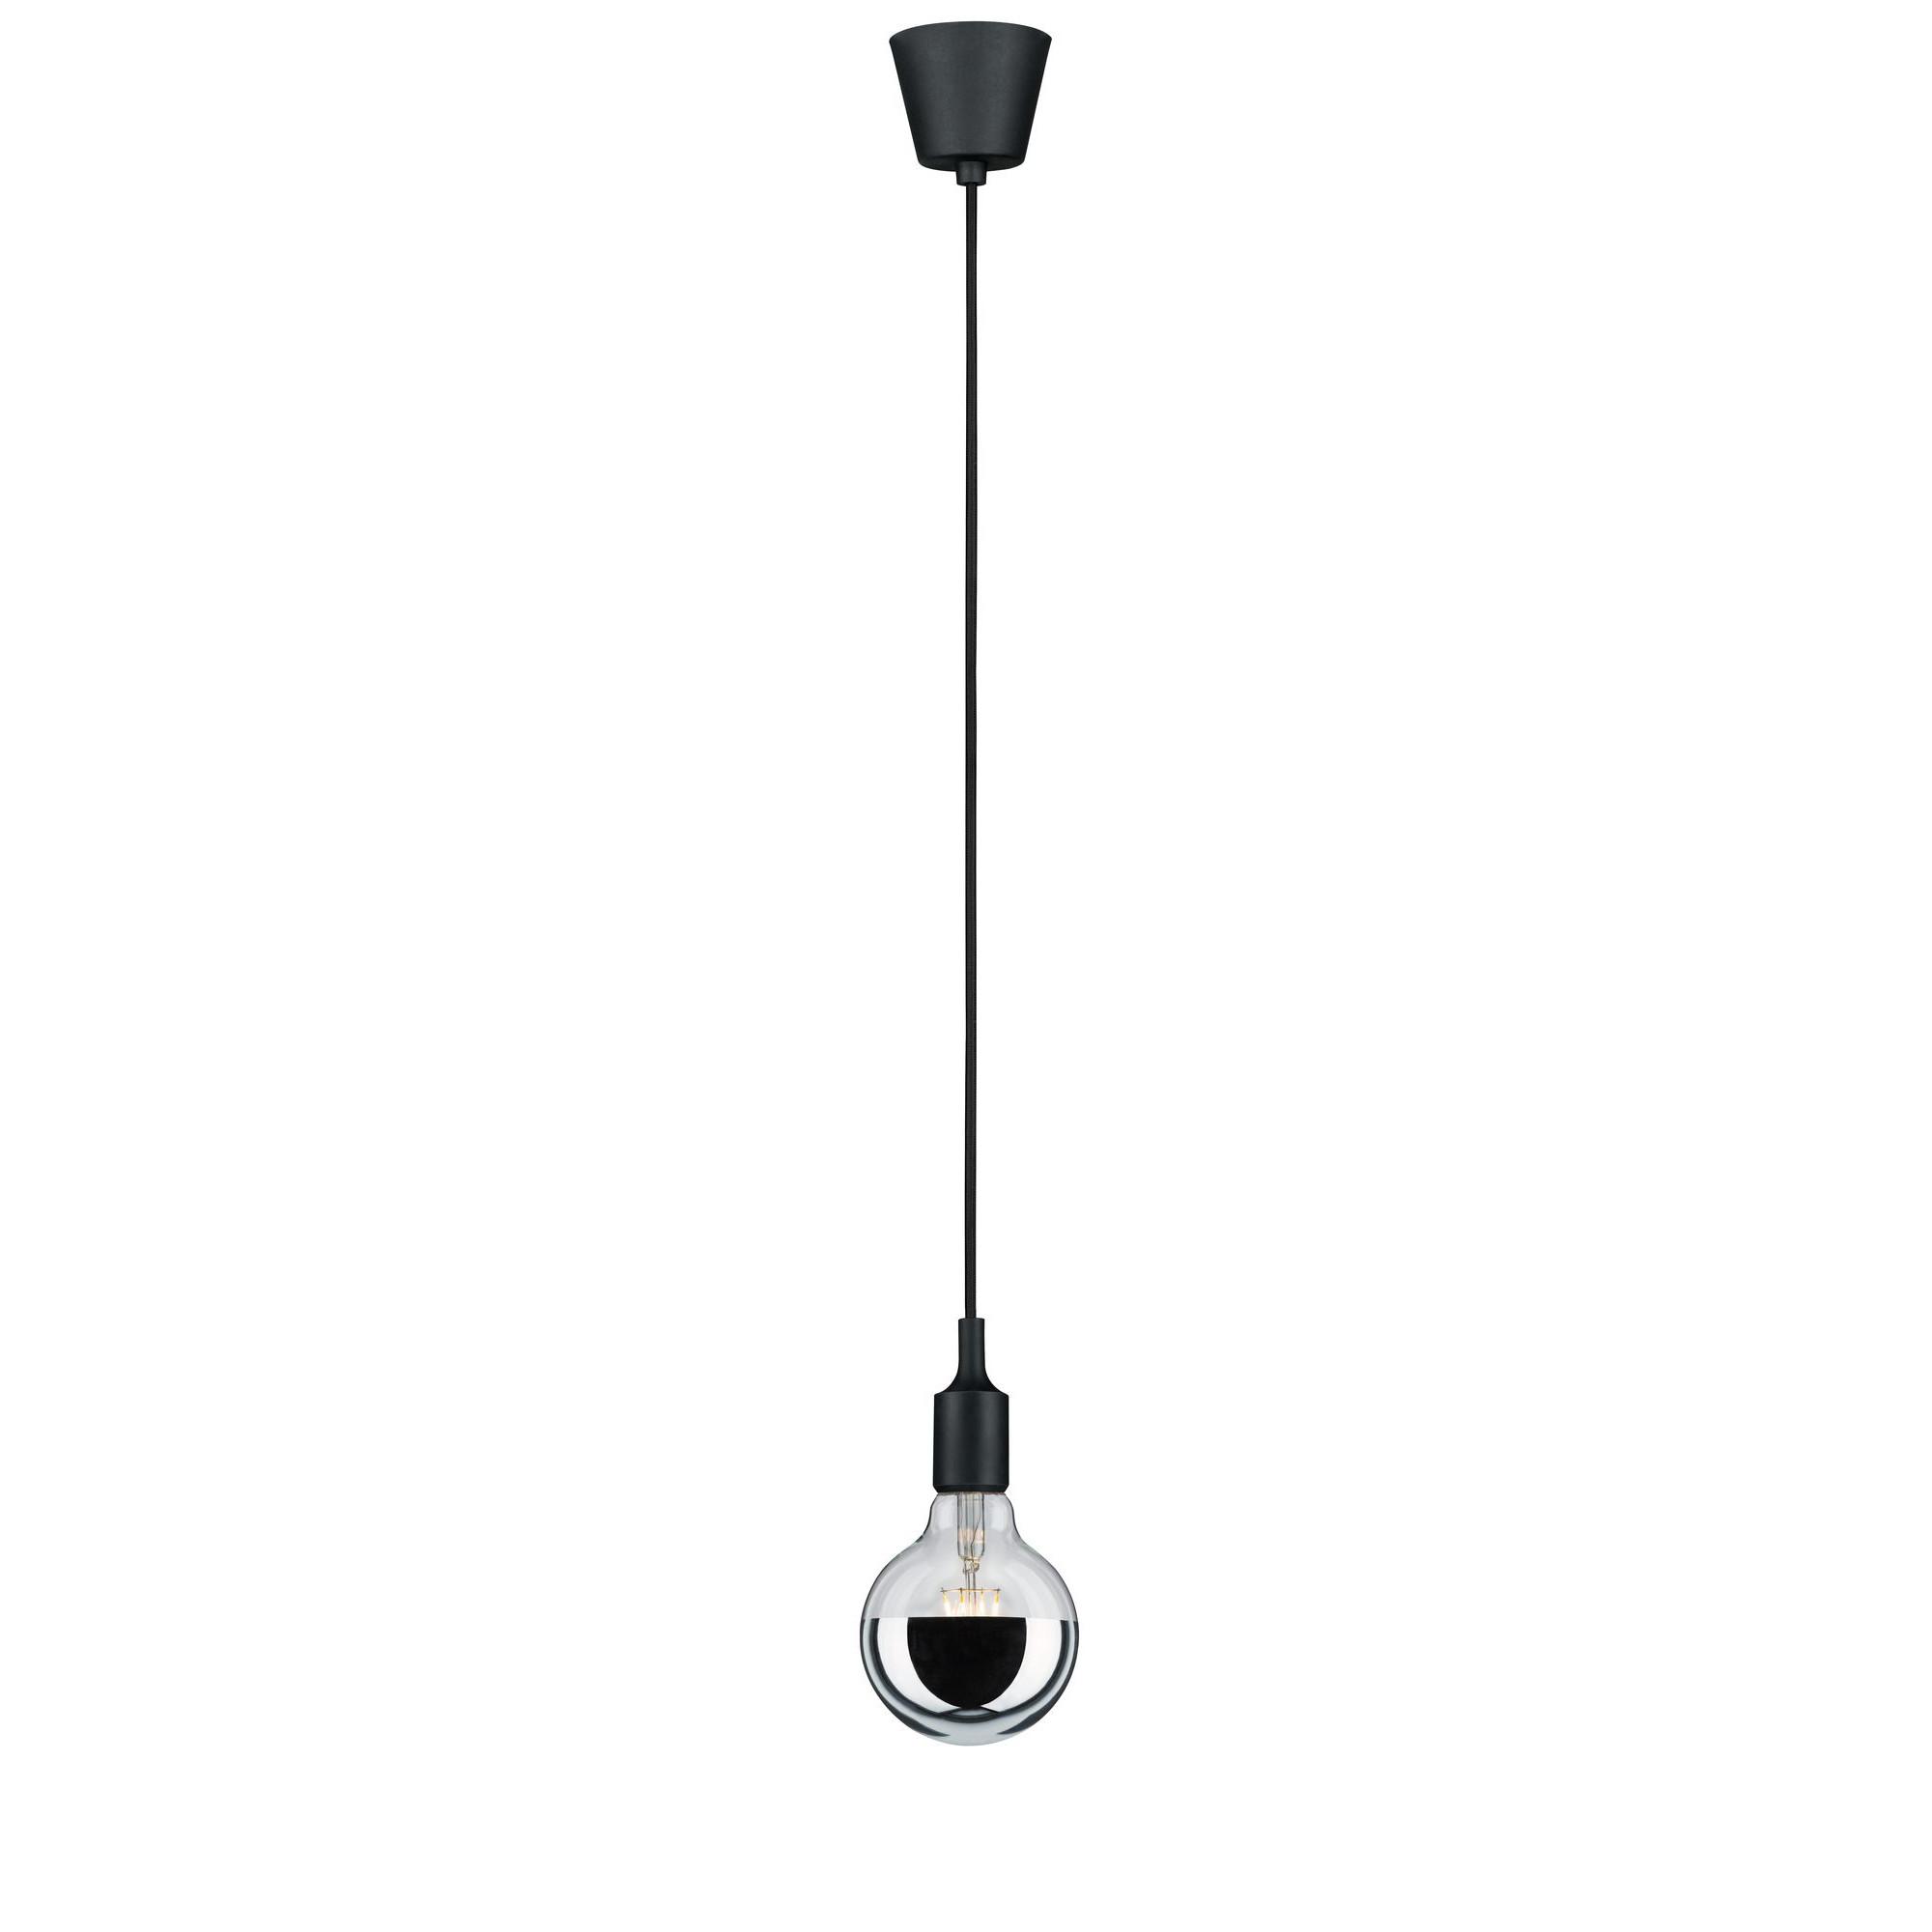 Лампа филаментная Paulmann Шар Ретро G95 6Вт 750лм 2700К Е27 230В Серебро Зеркальный верх С регулируемой яркостью 28478.